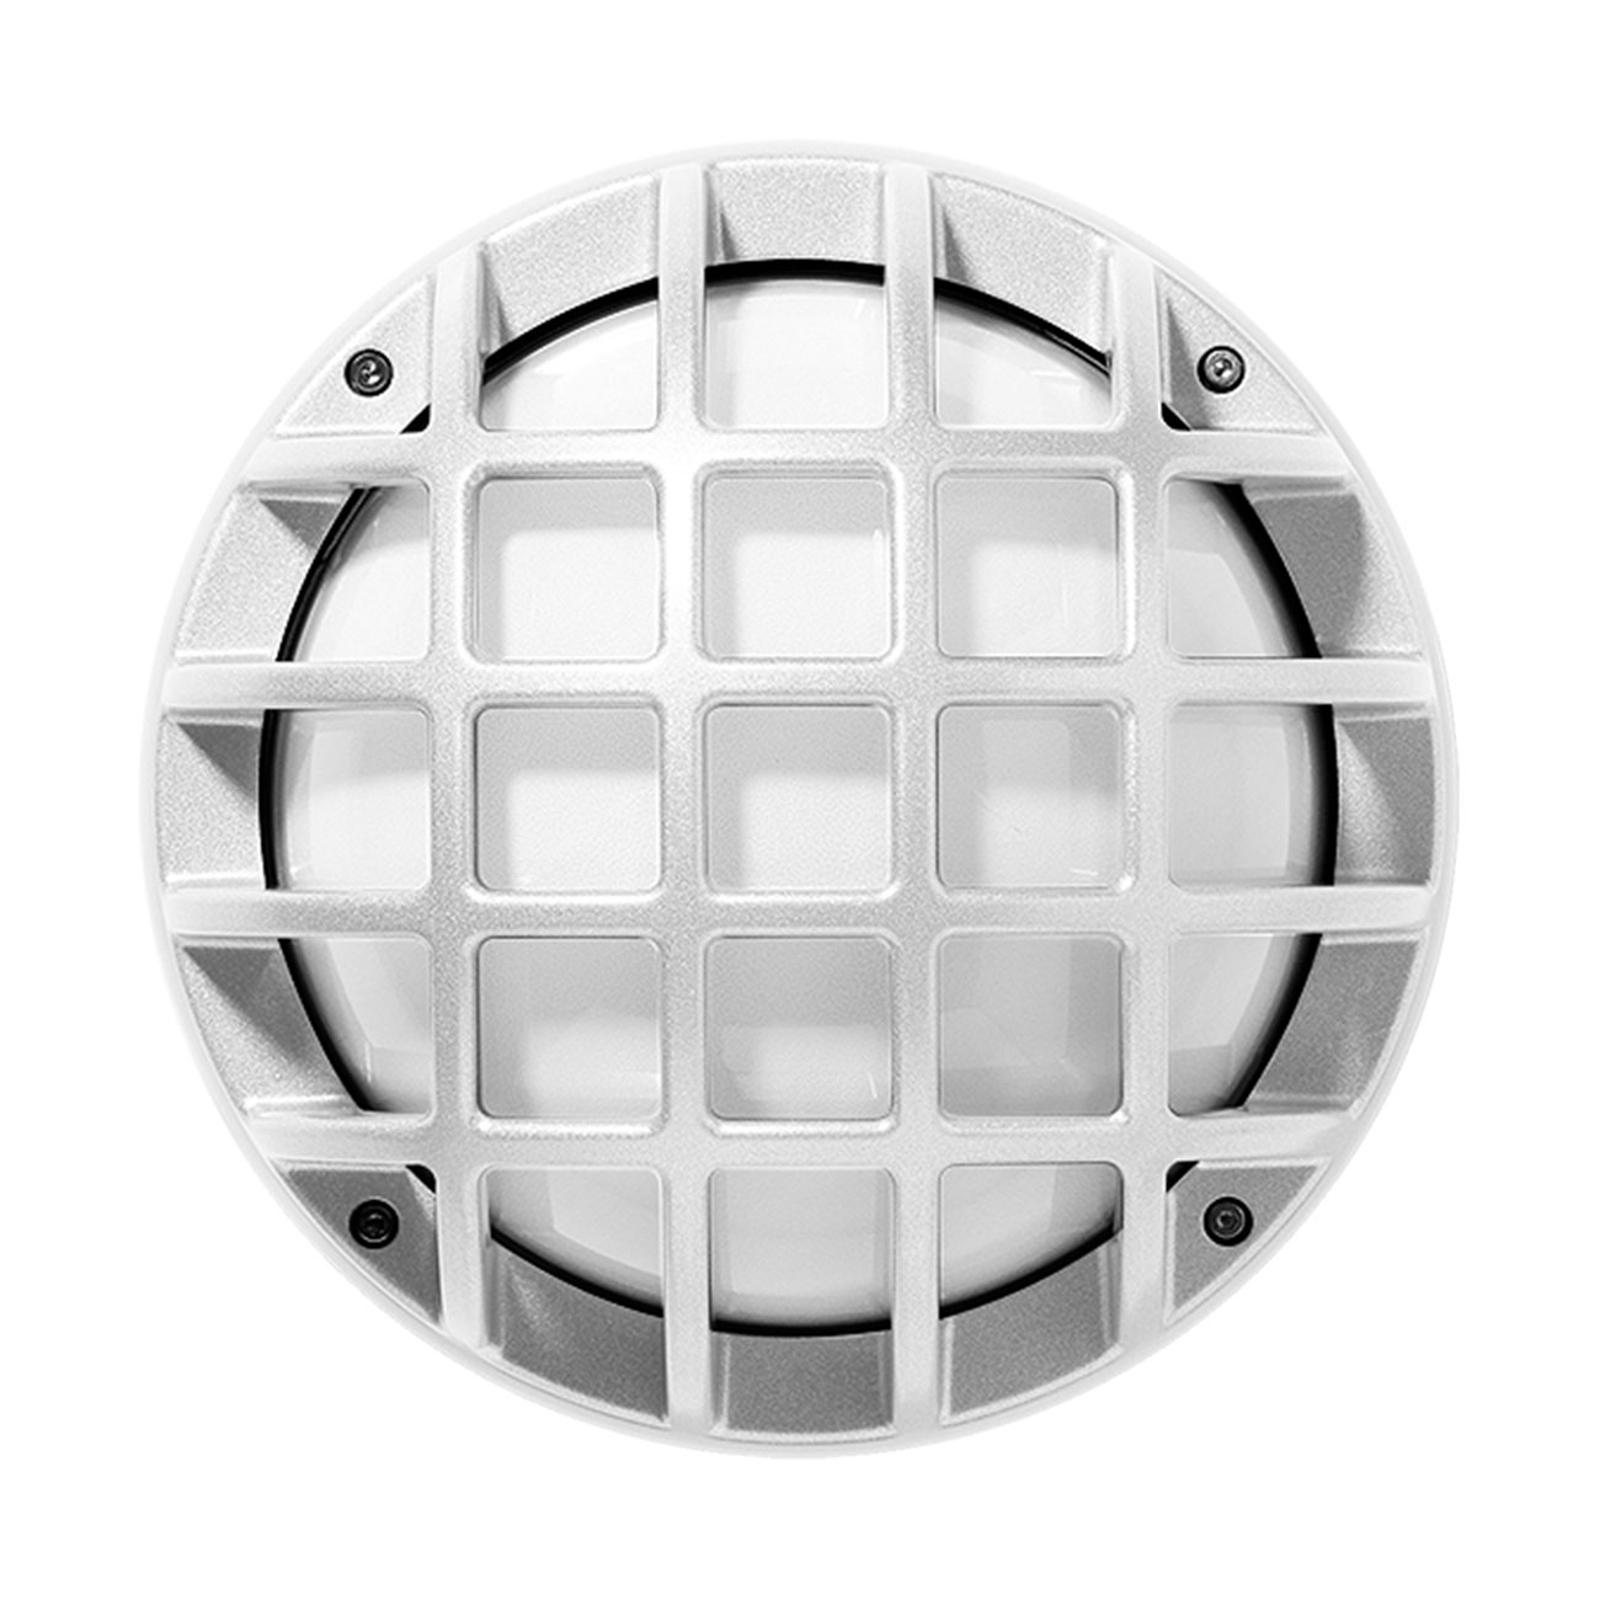 Buitenwandlamp Eko+21/G, E27, wit gestructureerd